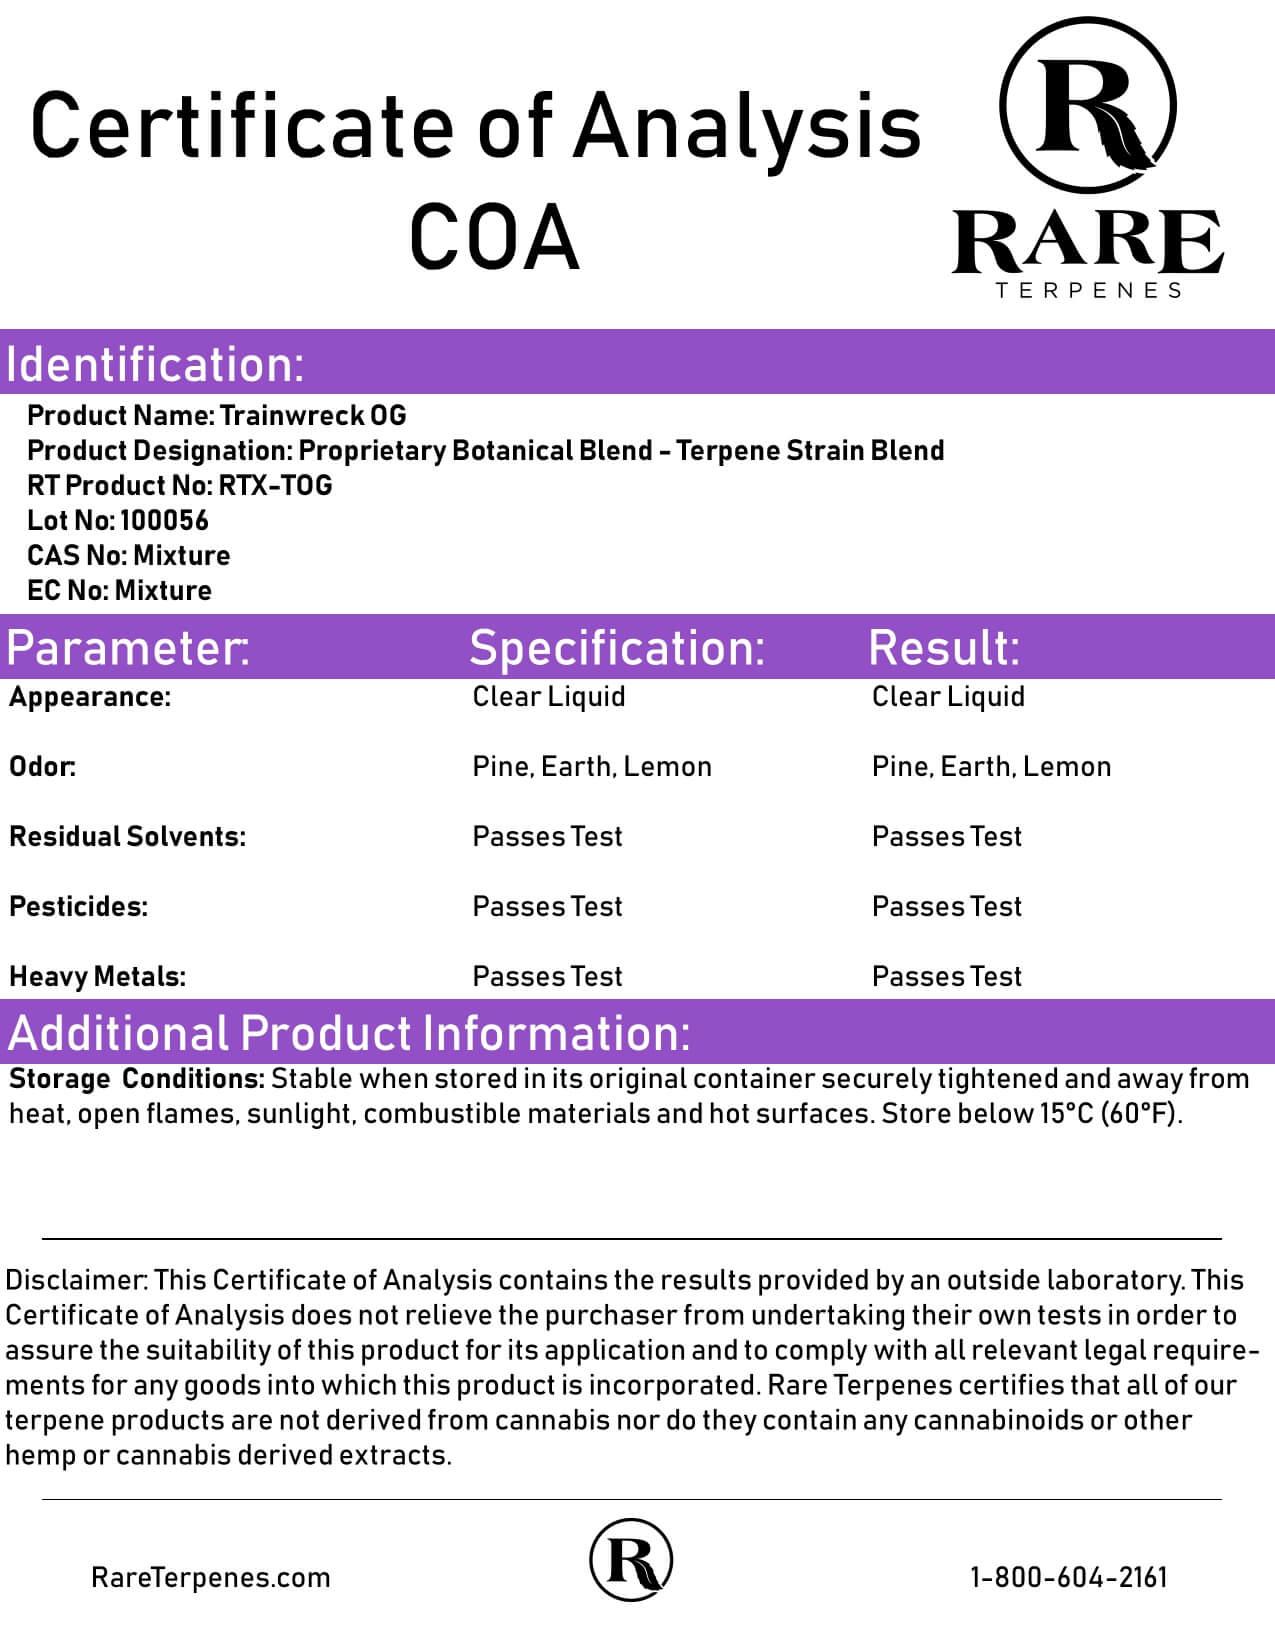 Rare Terpenes Tepene Strain Blends Trainwreck OG Lab Report